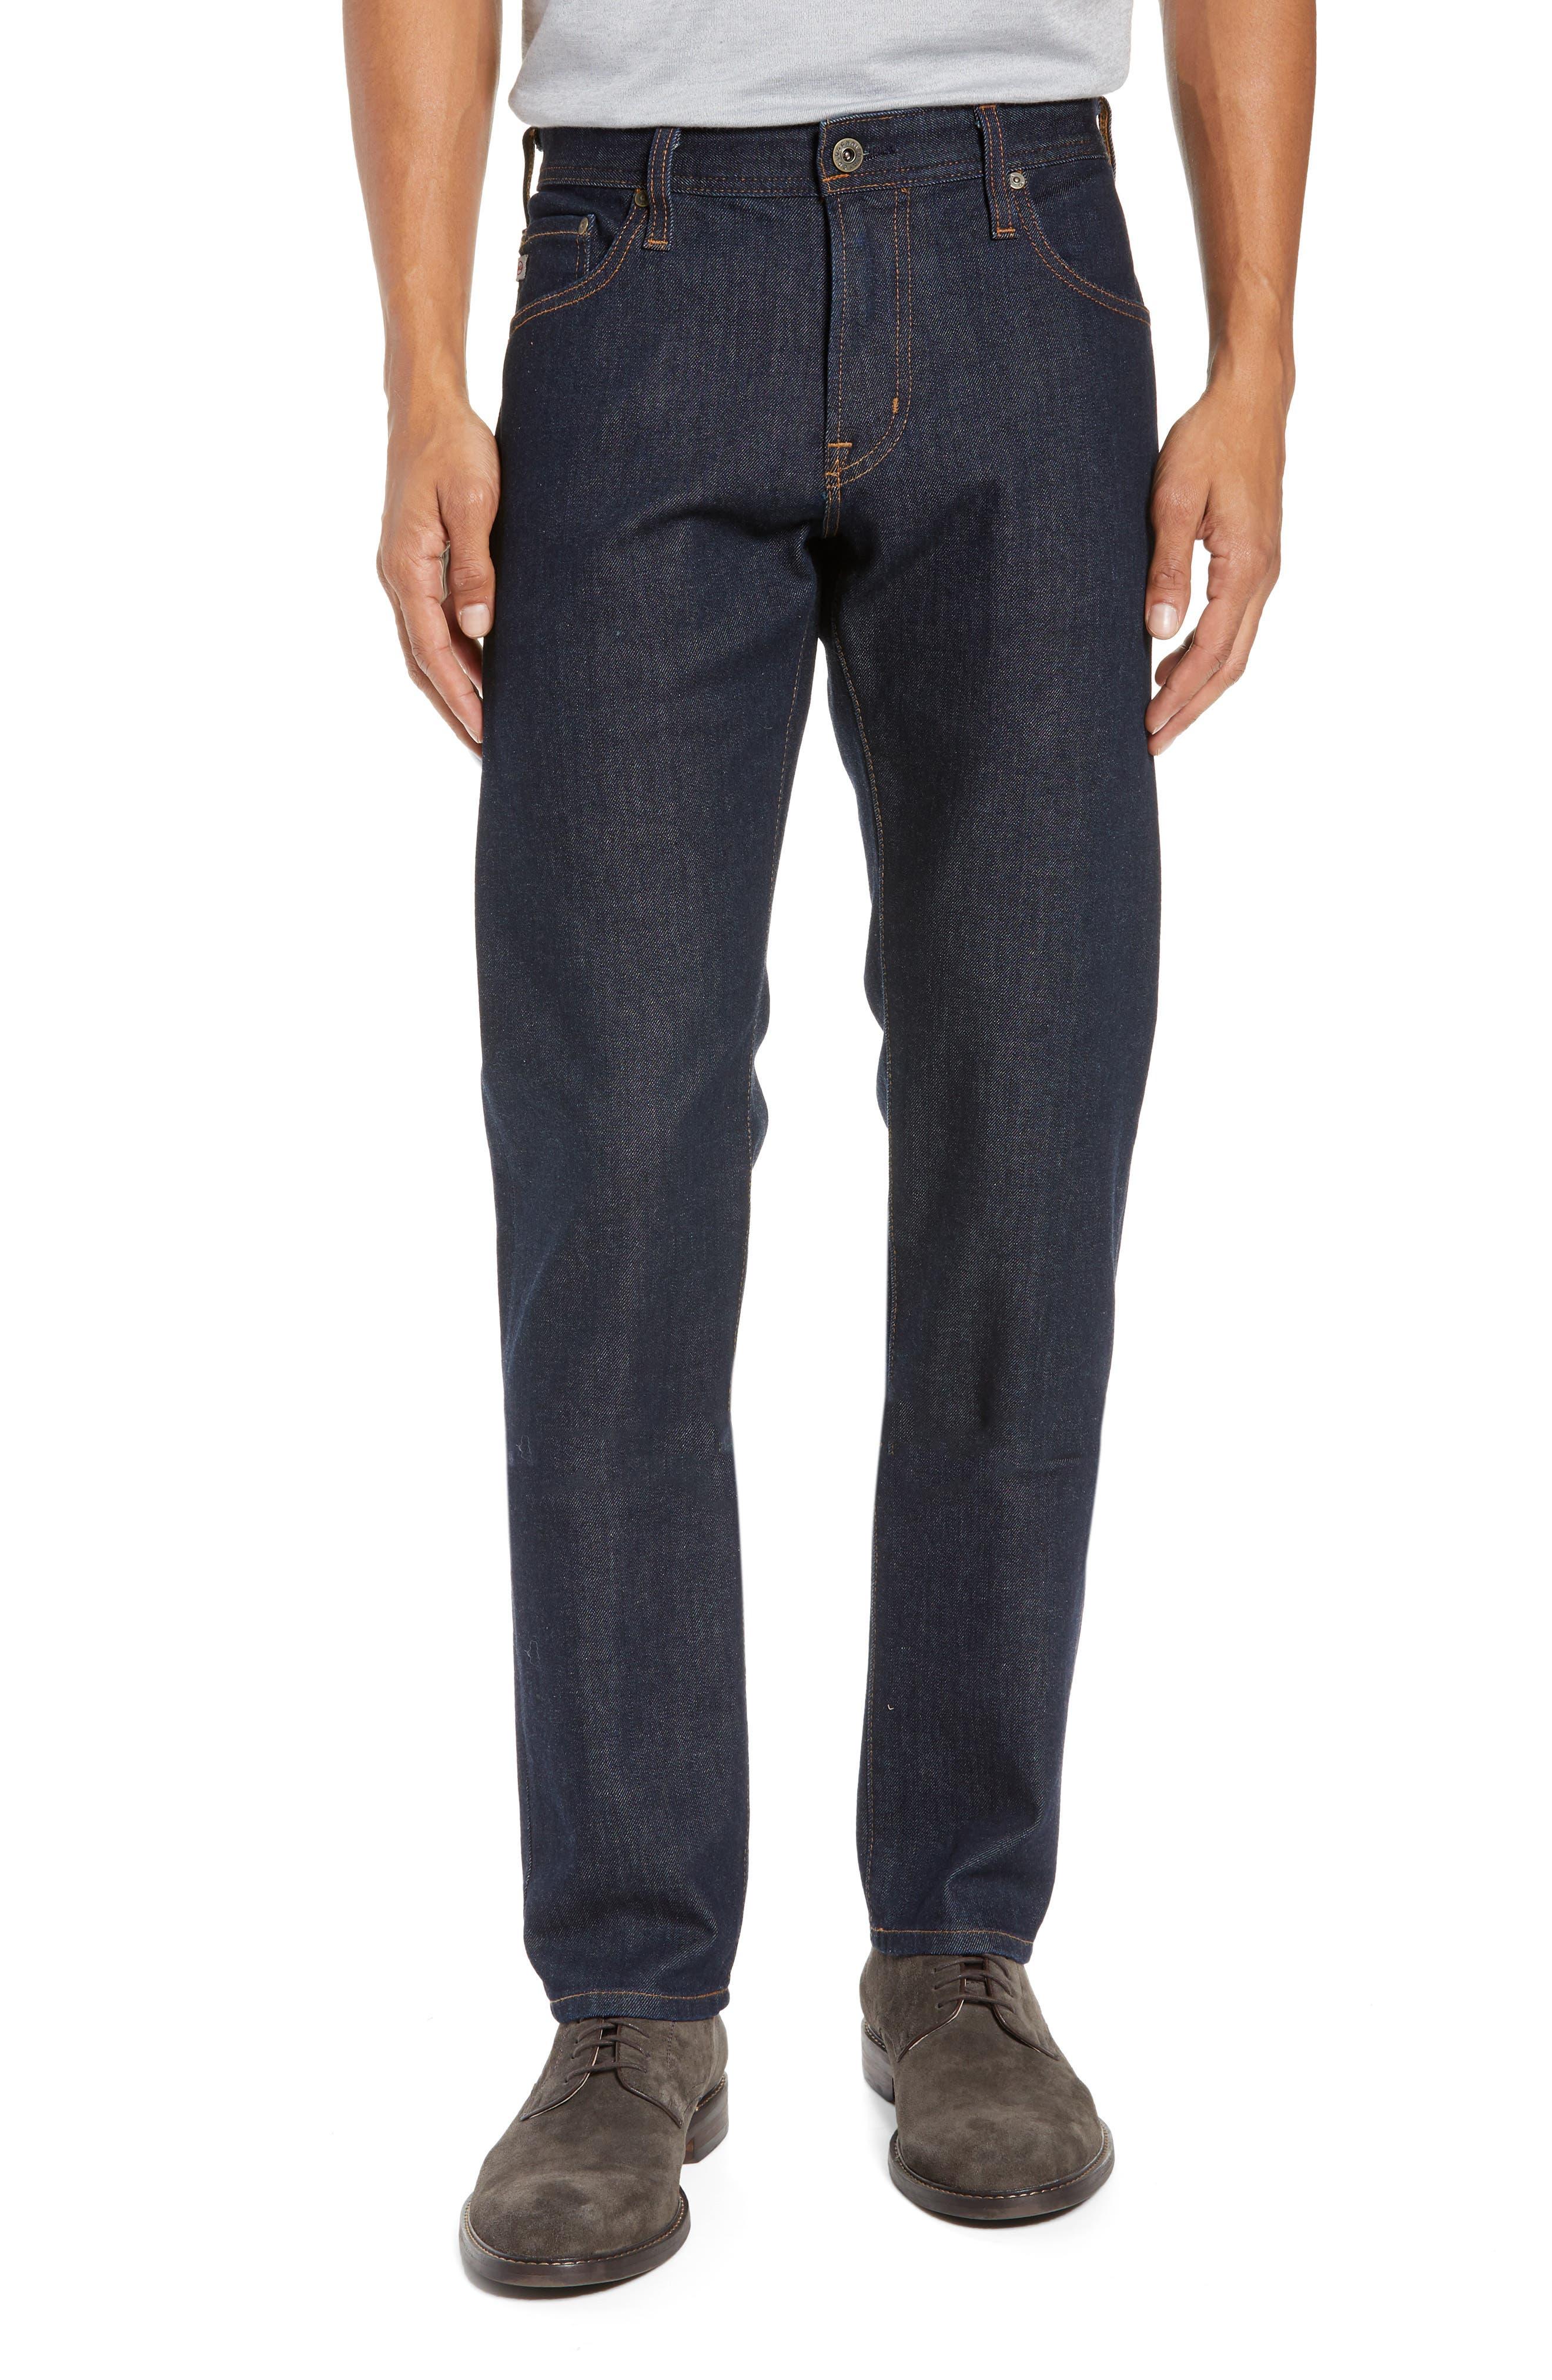 Tellis Slim Fit Jeans,                         Main,                         color, PARTRIDGE